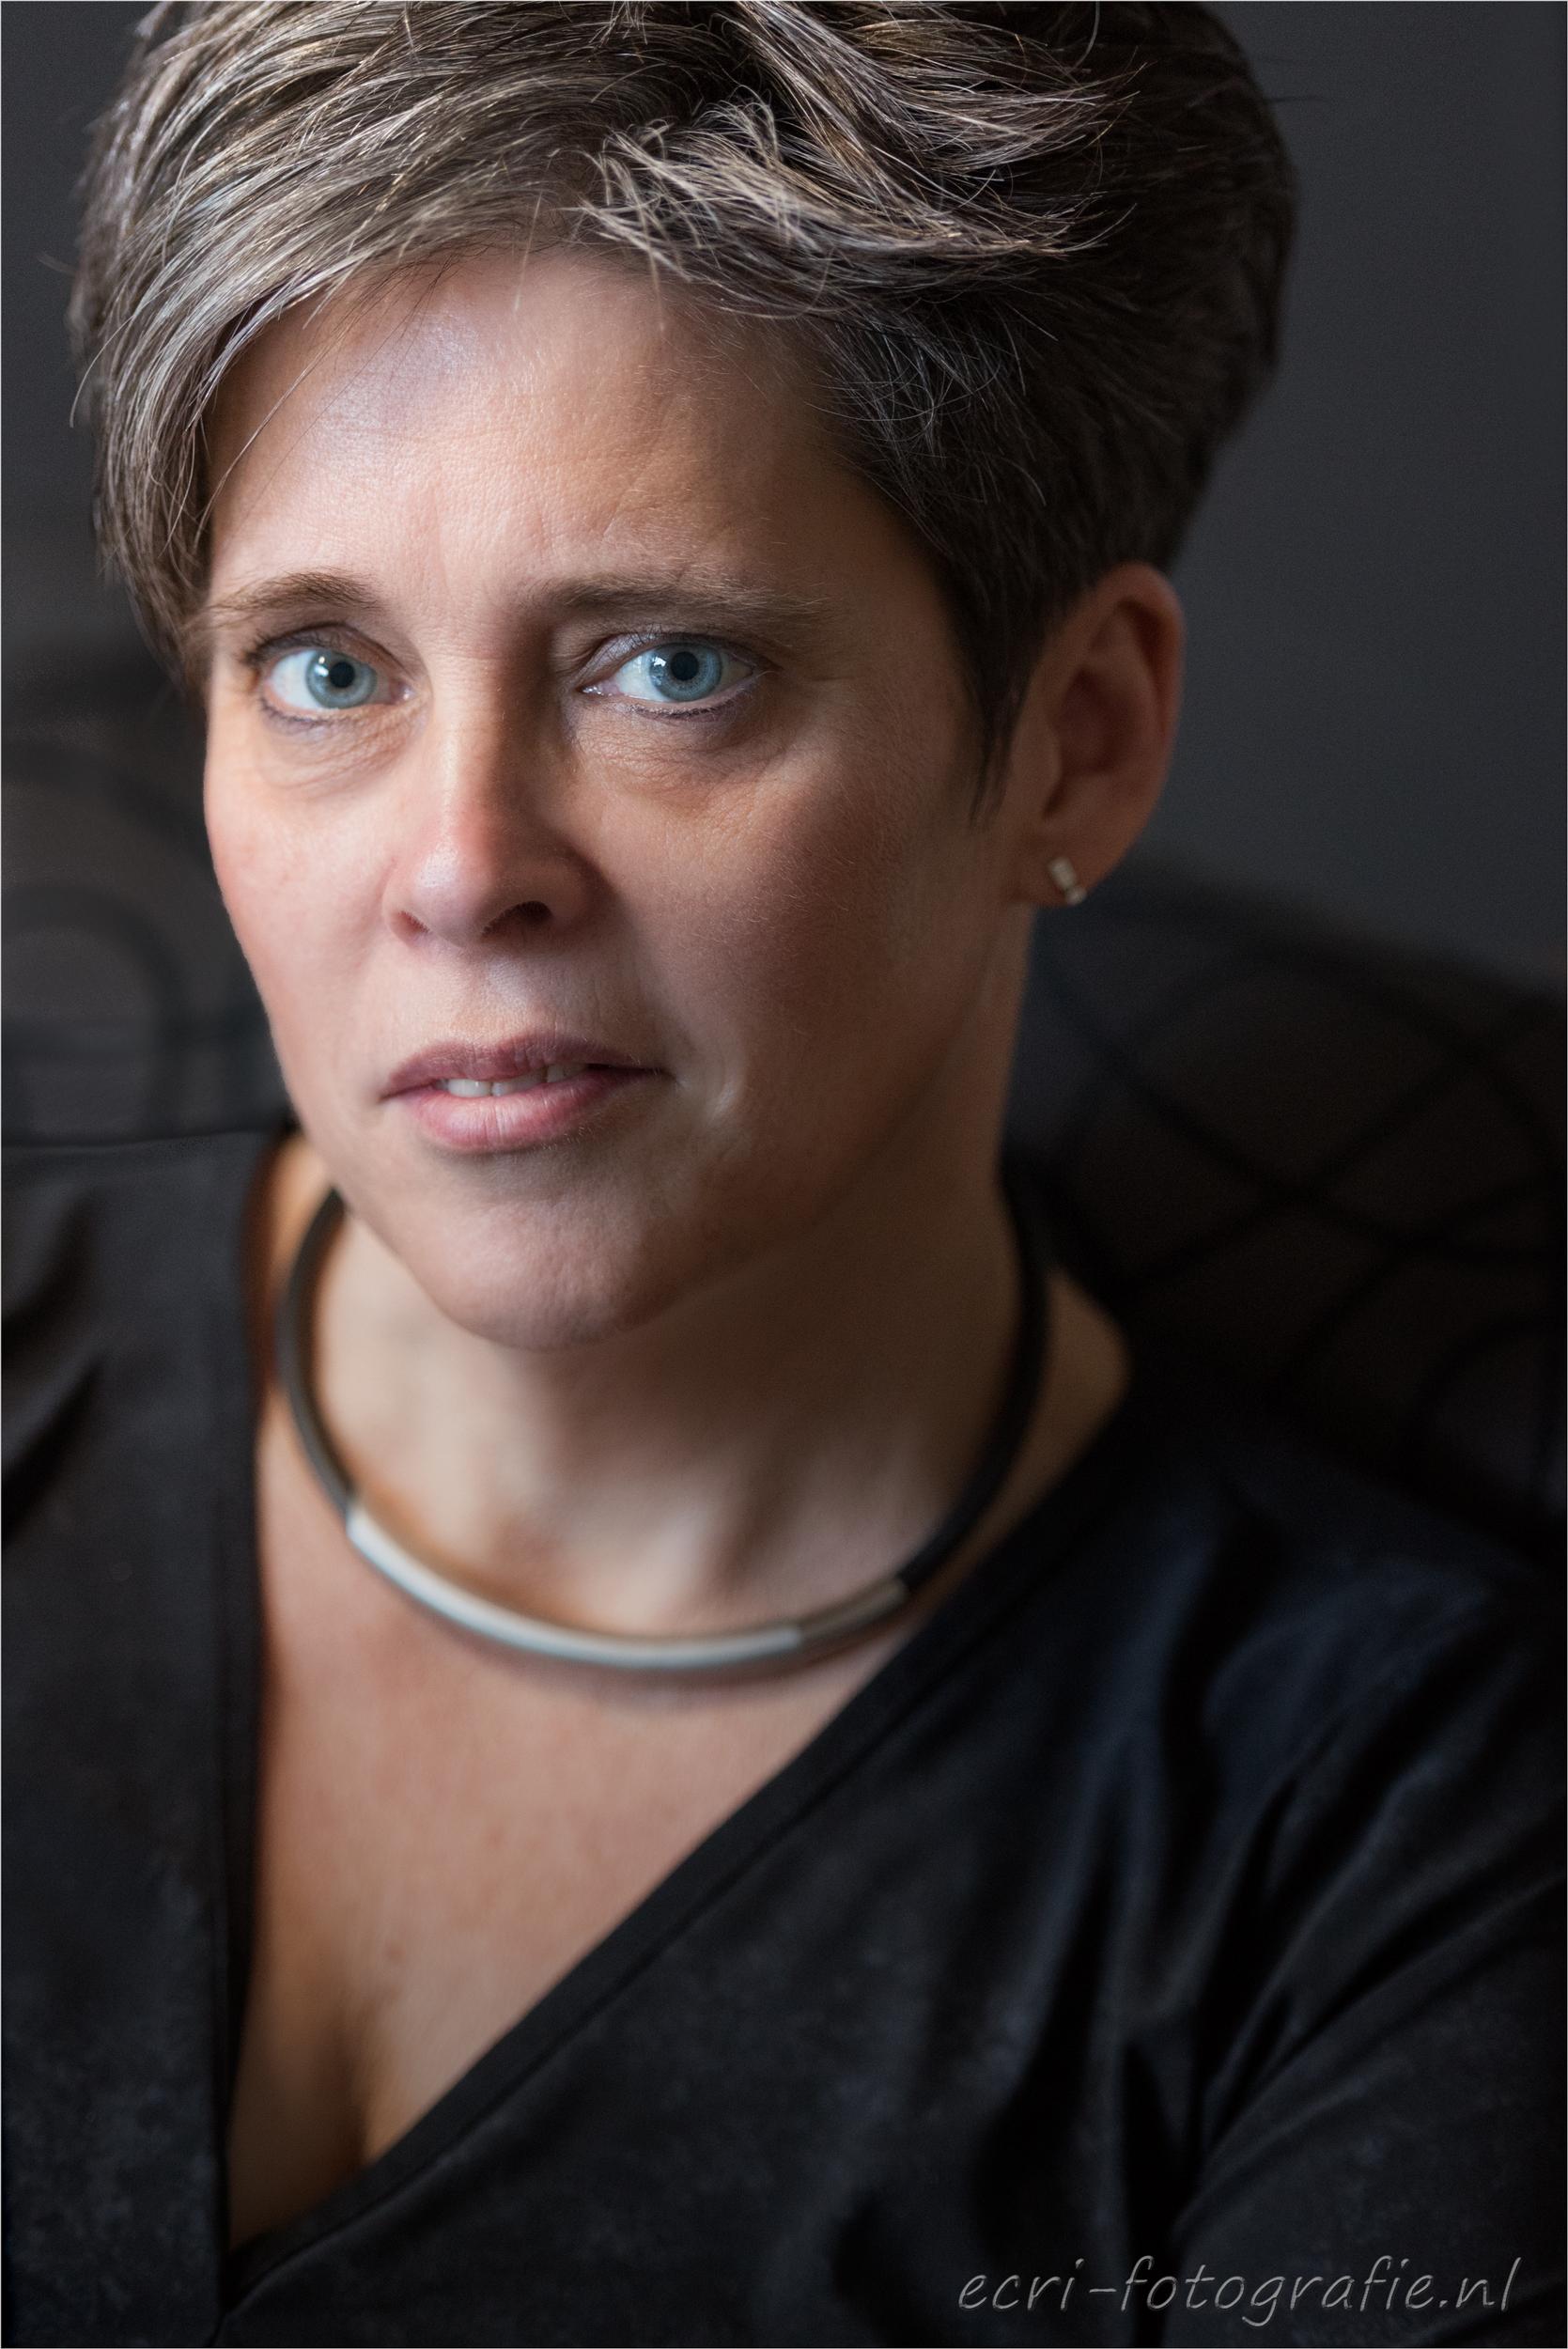 headshot, zakelijk portret, LinkedIn, ecri-fotografie.nl, Eric de Jonge